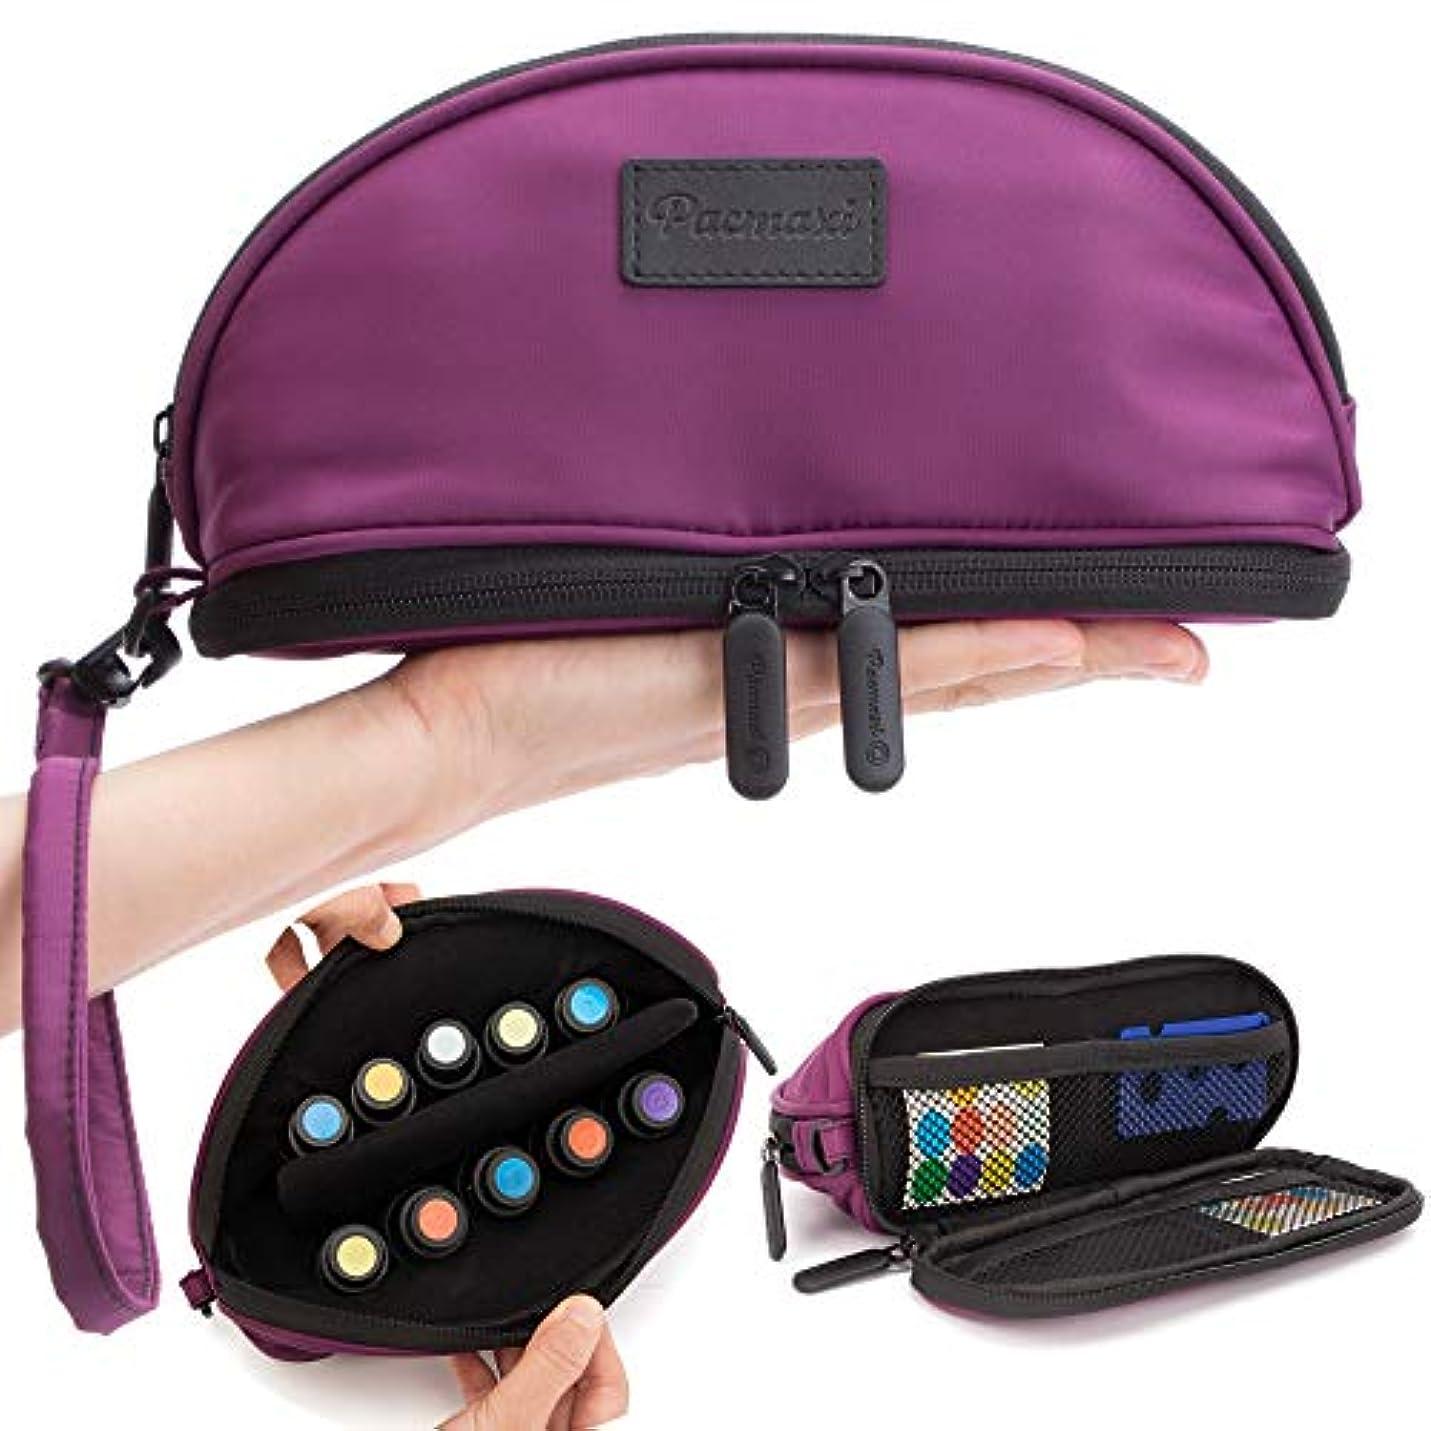 ごめんなさい受粉する脚[Pacmaxi]エッセンシャルオイル 収納ポーチ 携帯便利 旅行 10本収納(5ml - 15ml) ナイロン製 撥水加工 ストラップあり (パープル)